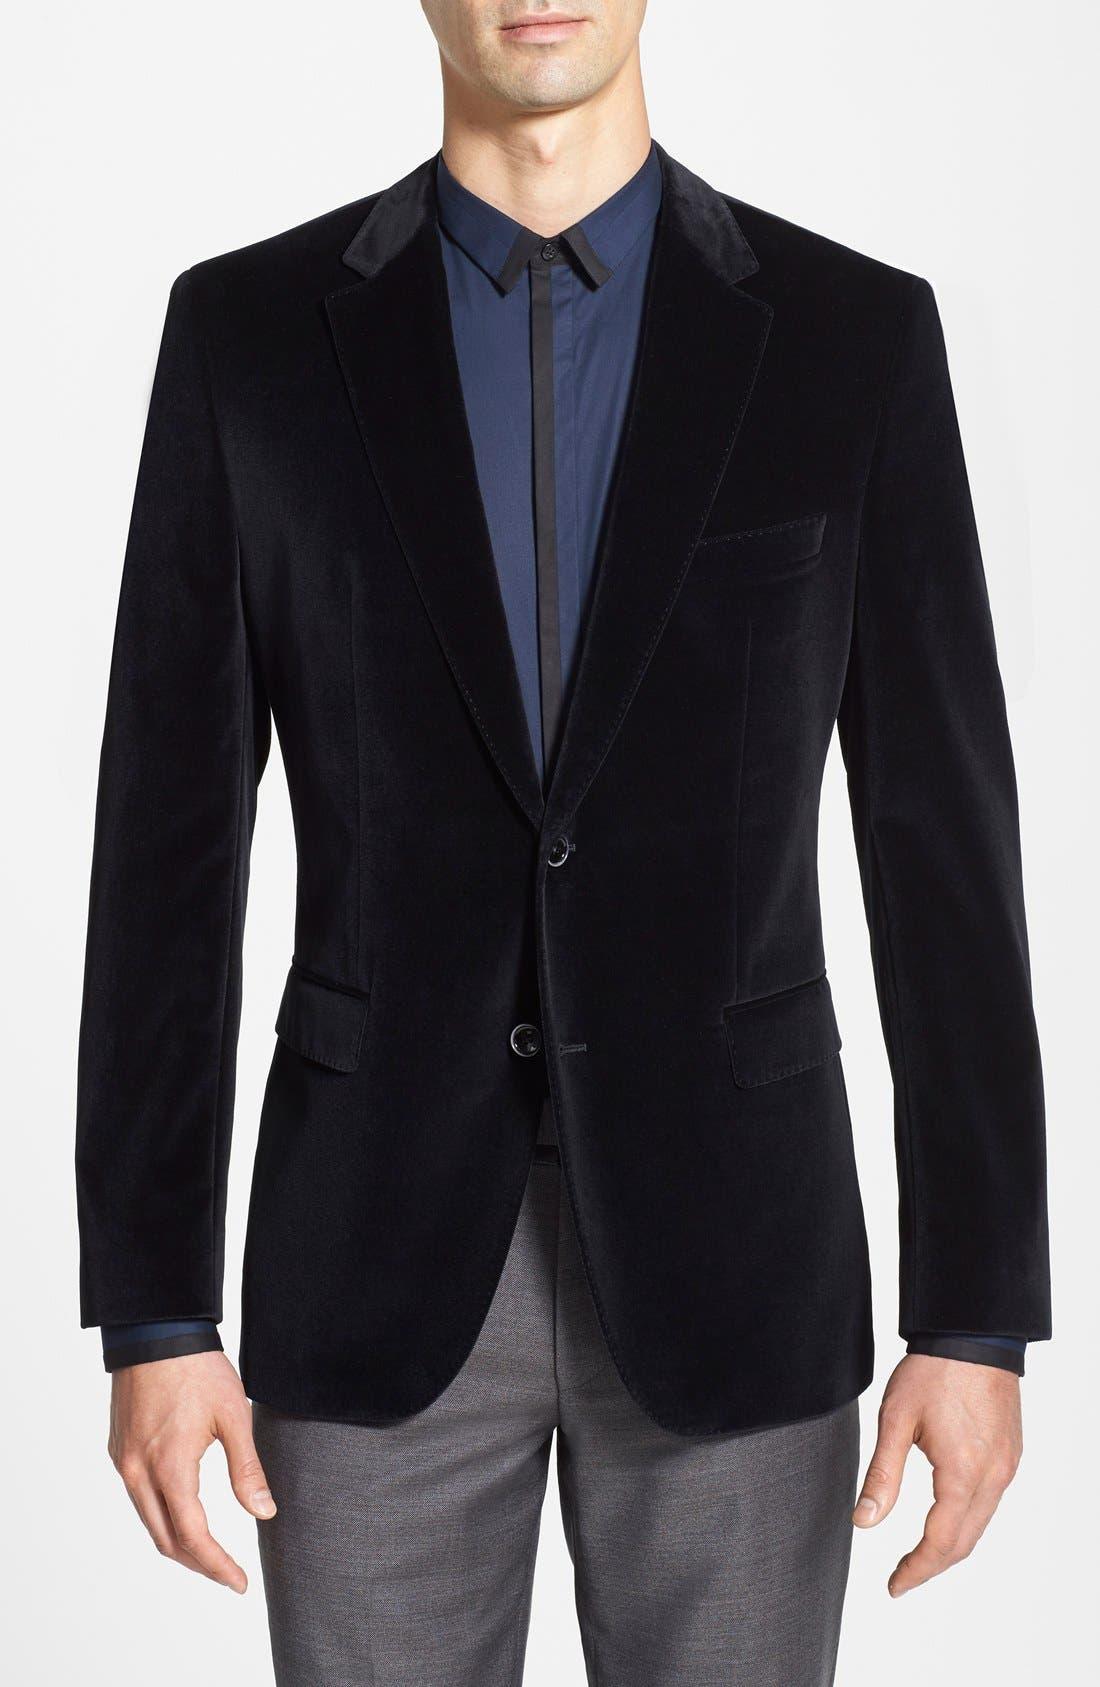 BOSS HUGO BOSS 'Keys' Trim Fit Velvet Blazer, Main, color, 001